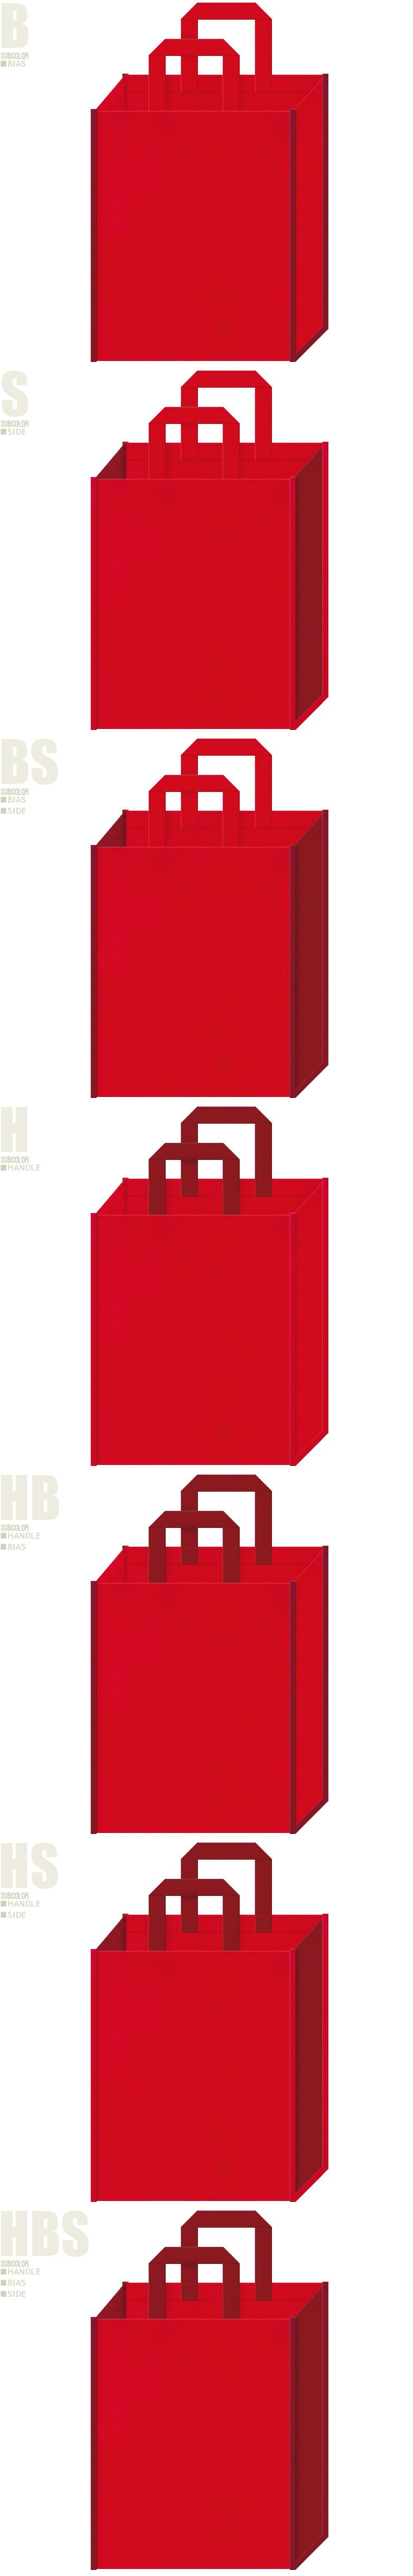 クリスマス・お正月・福袋にお奨めの不織布バッグデザイン:紅色とエンジ色の配色7パターン